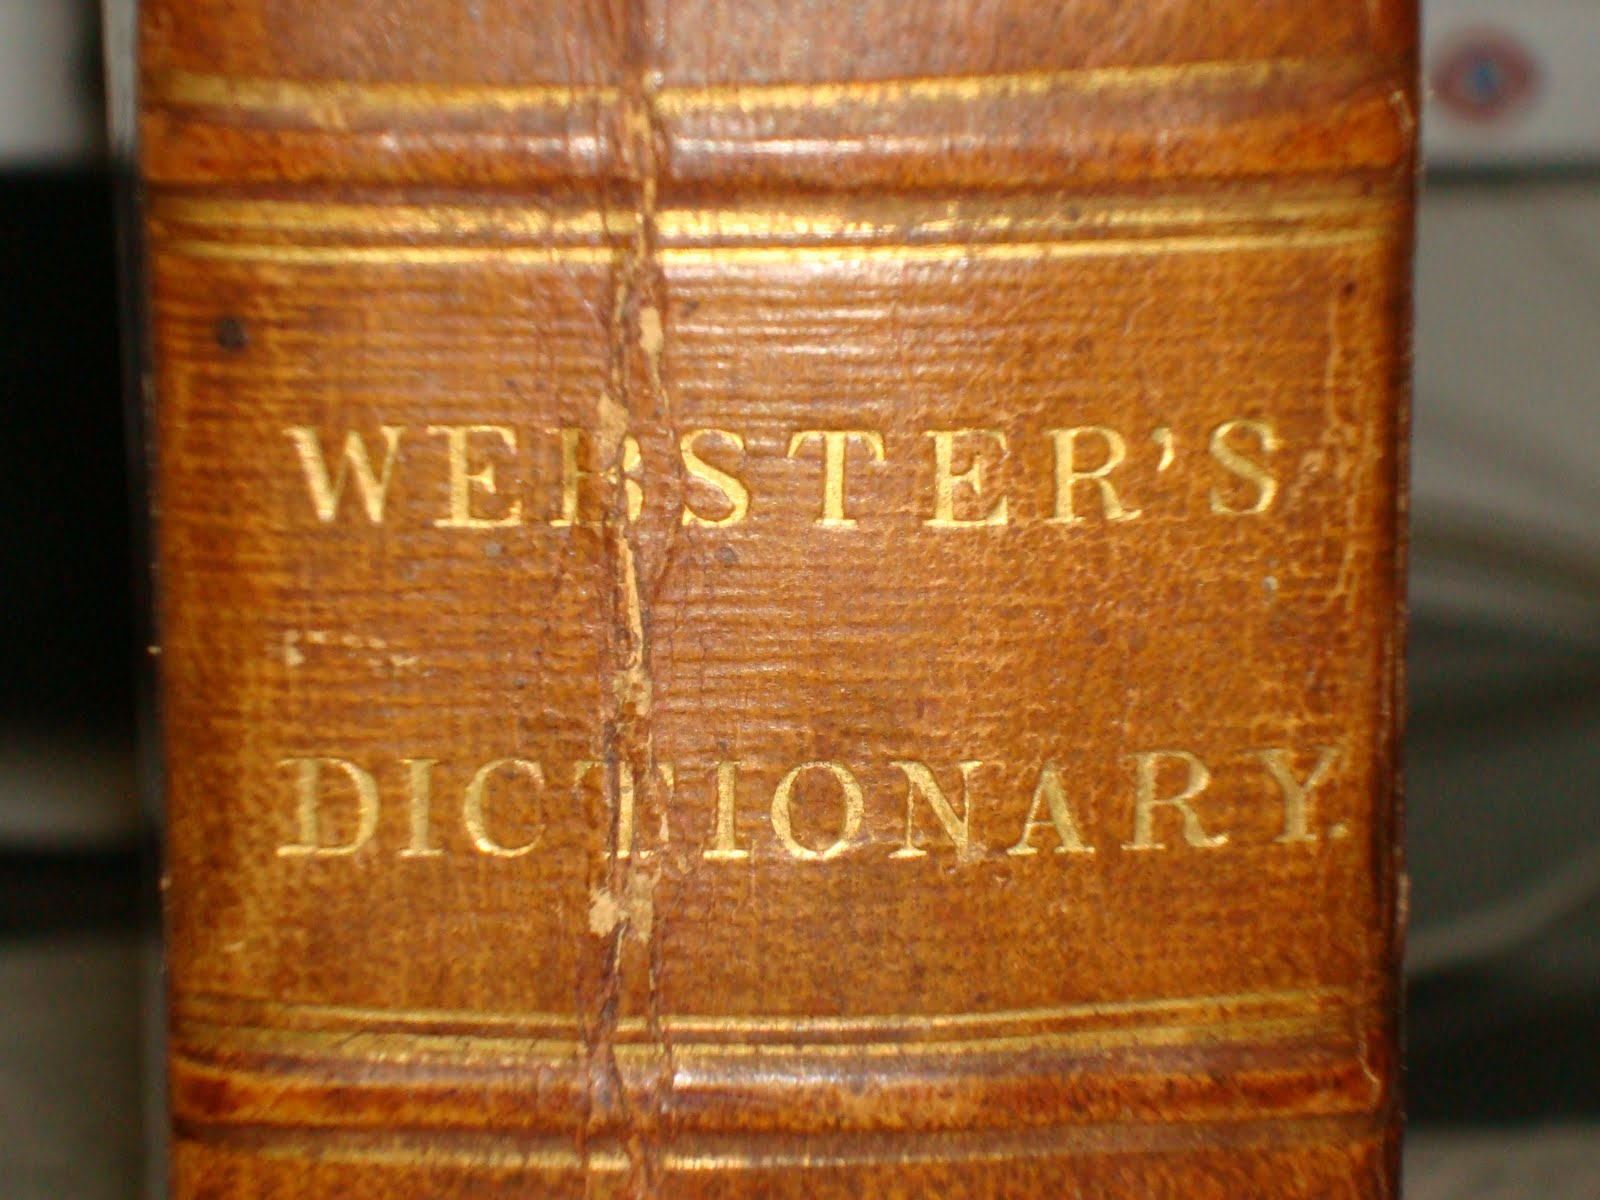 Dizionario Webster